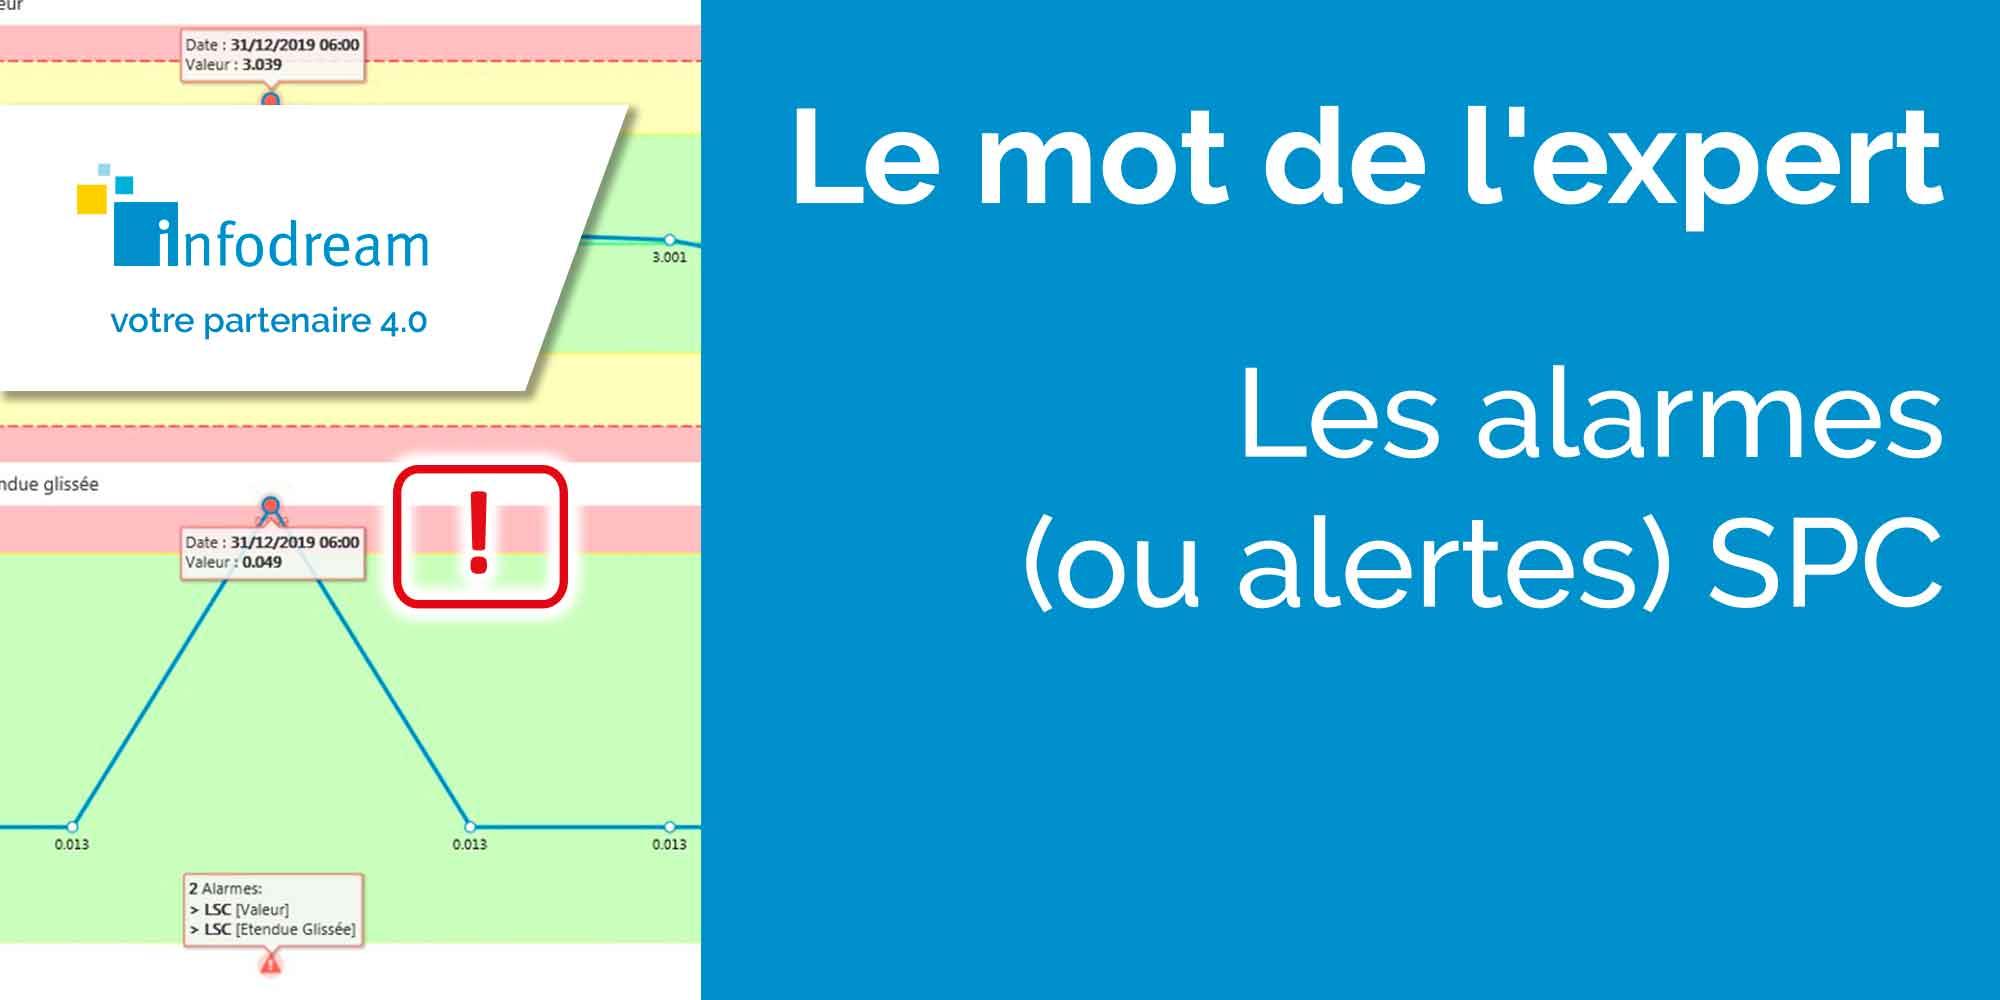 Les Alarmes Statistiques SPC Permettent D'intervenir En Amont Sur Le Procédé De Fabrication, Avant L'apparition D'une Non-conformité.